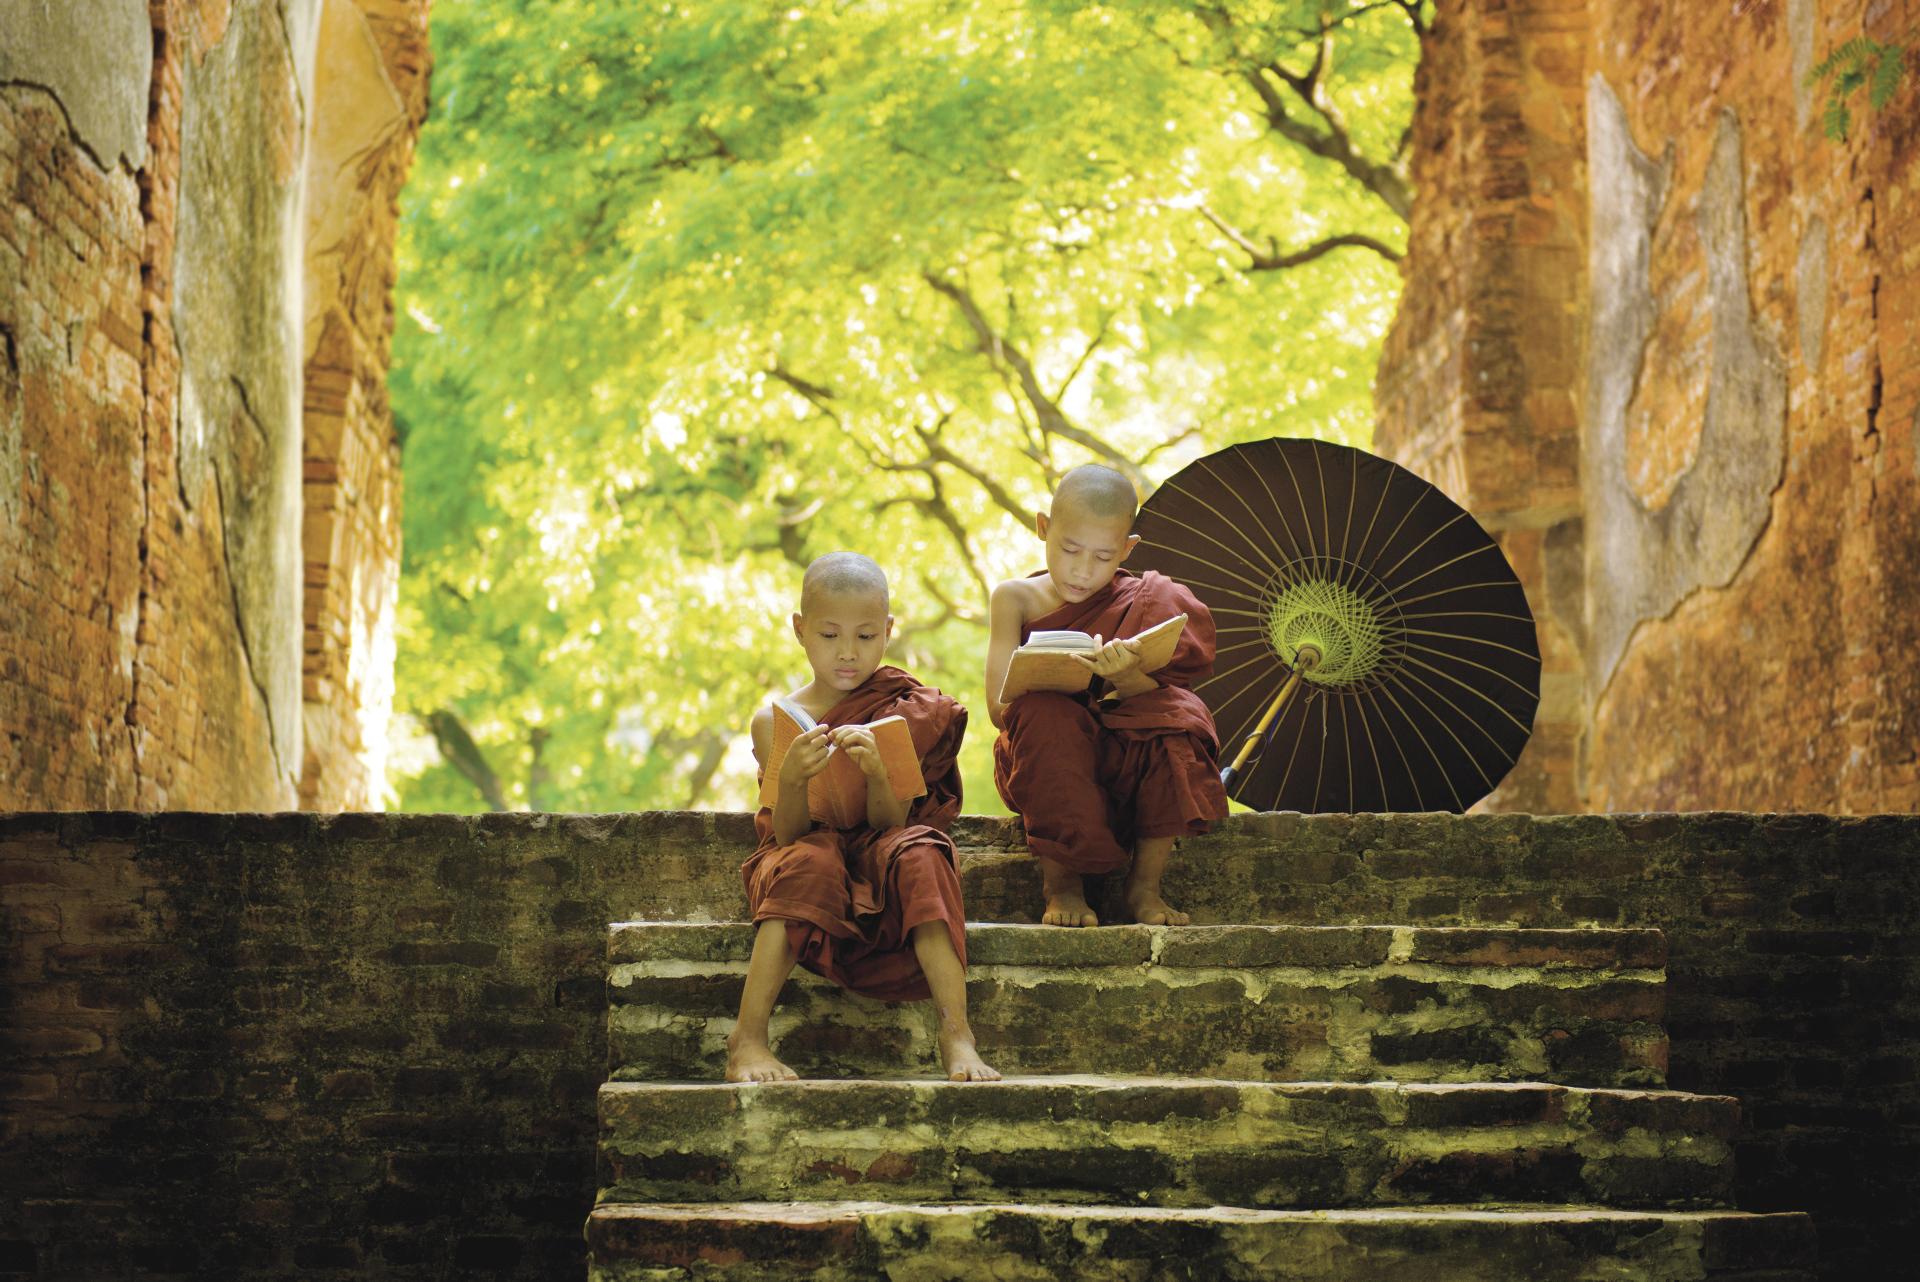 Junge buddhistische Mönche auf der Treppe